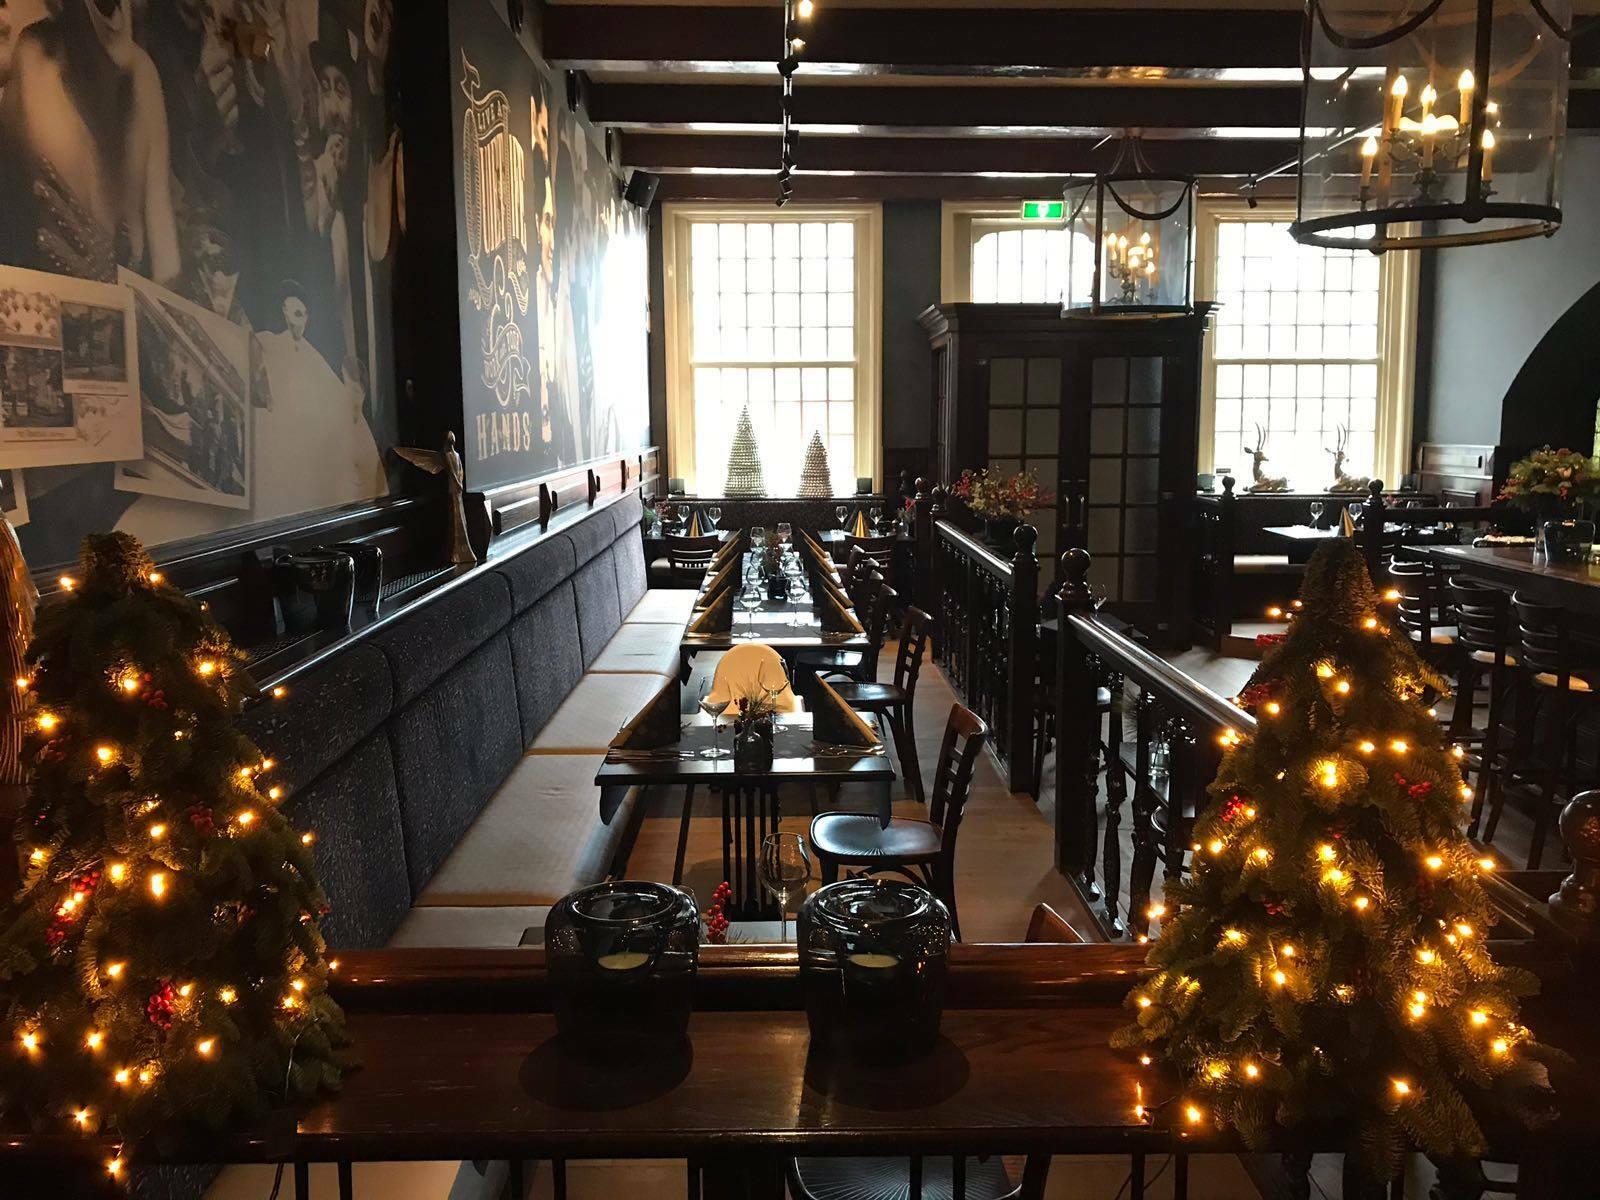 Kerstversiering bij restaurant Hotel de Lindeboom VVV Texel